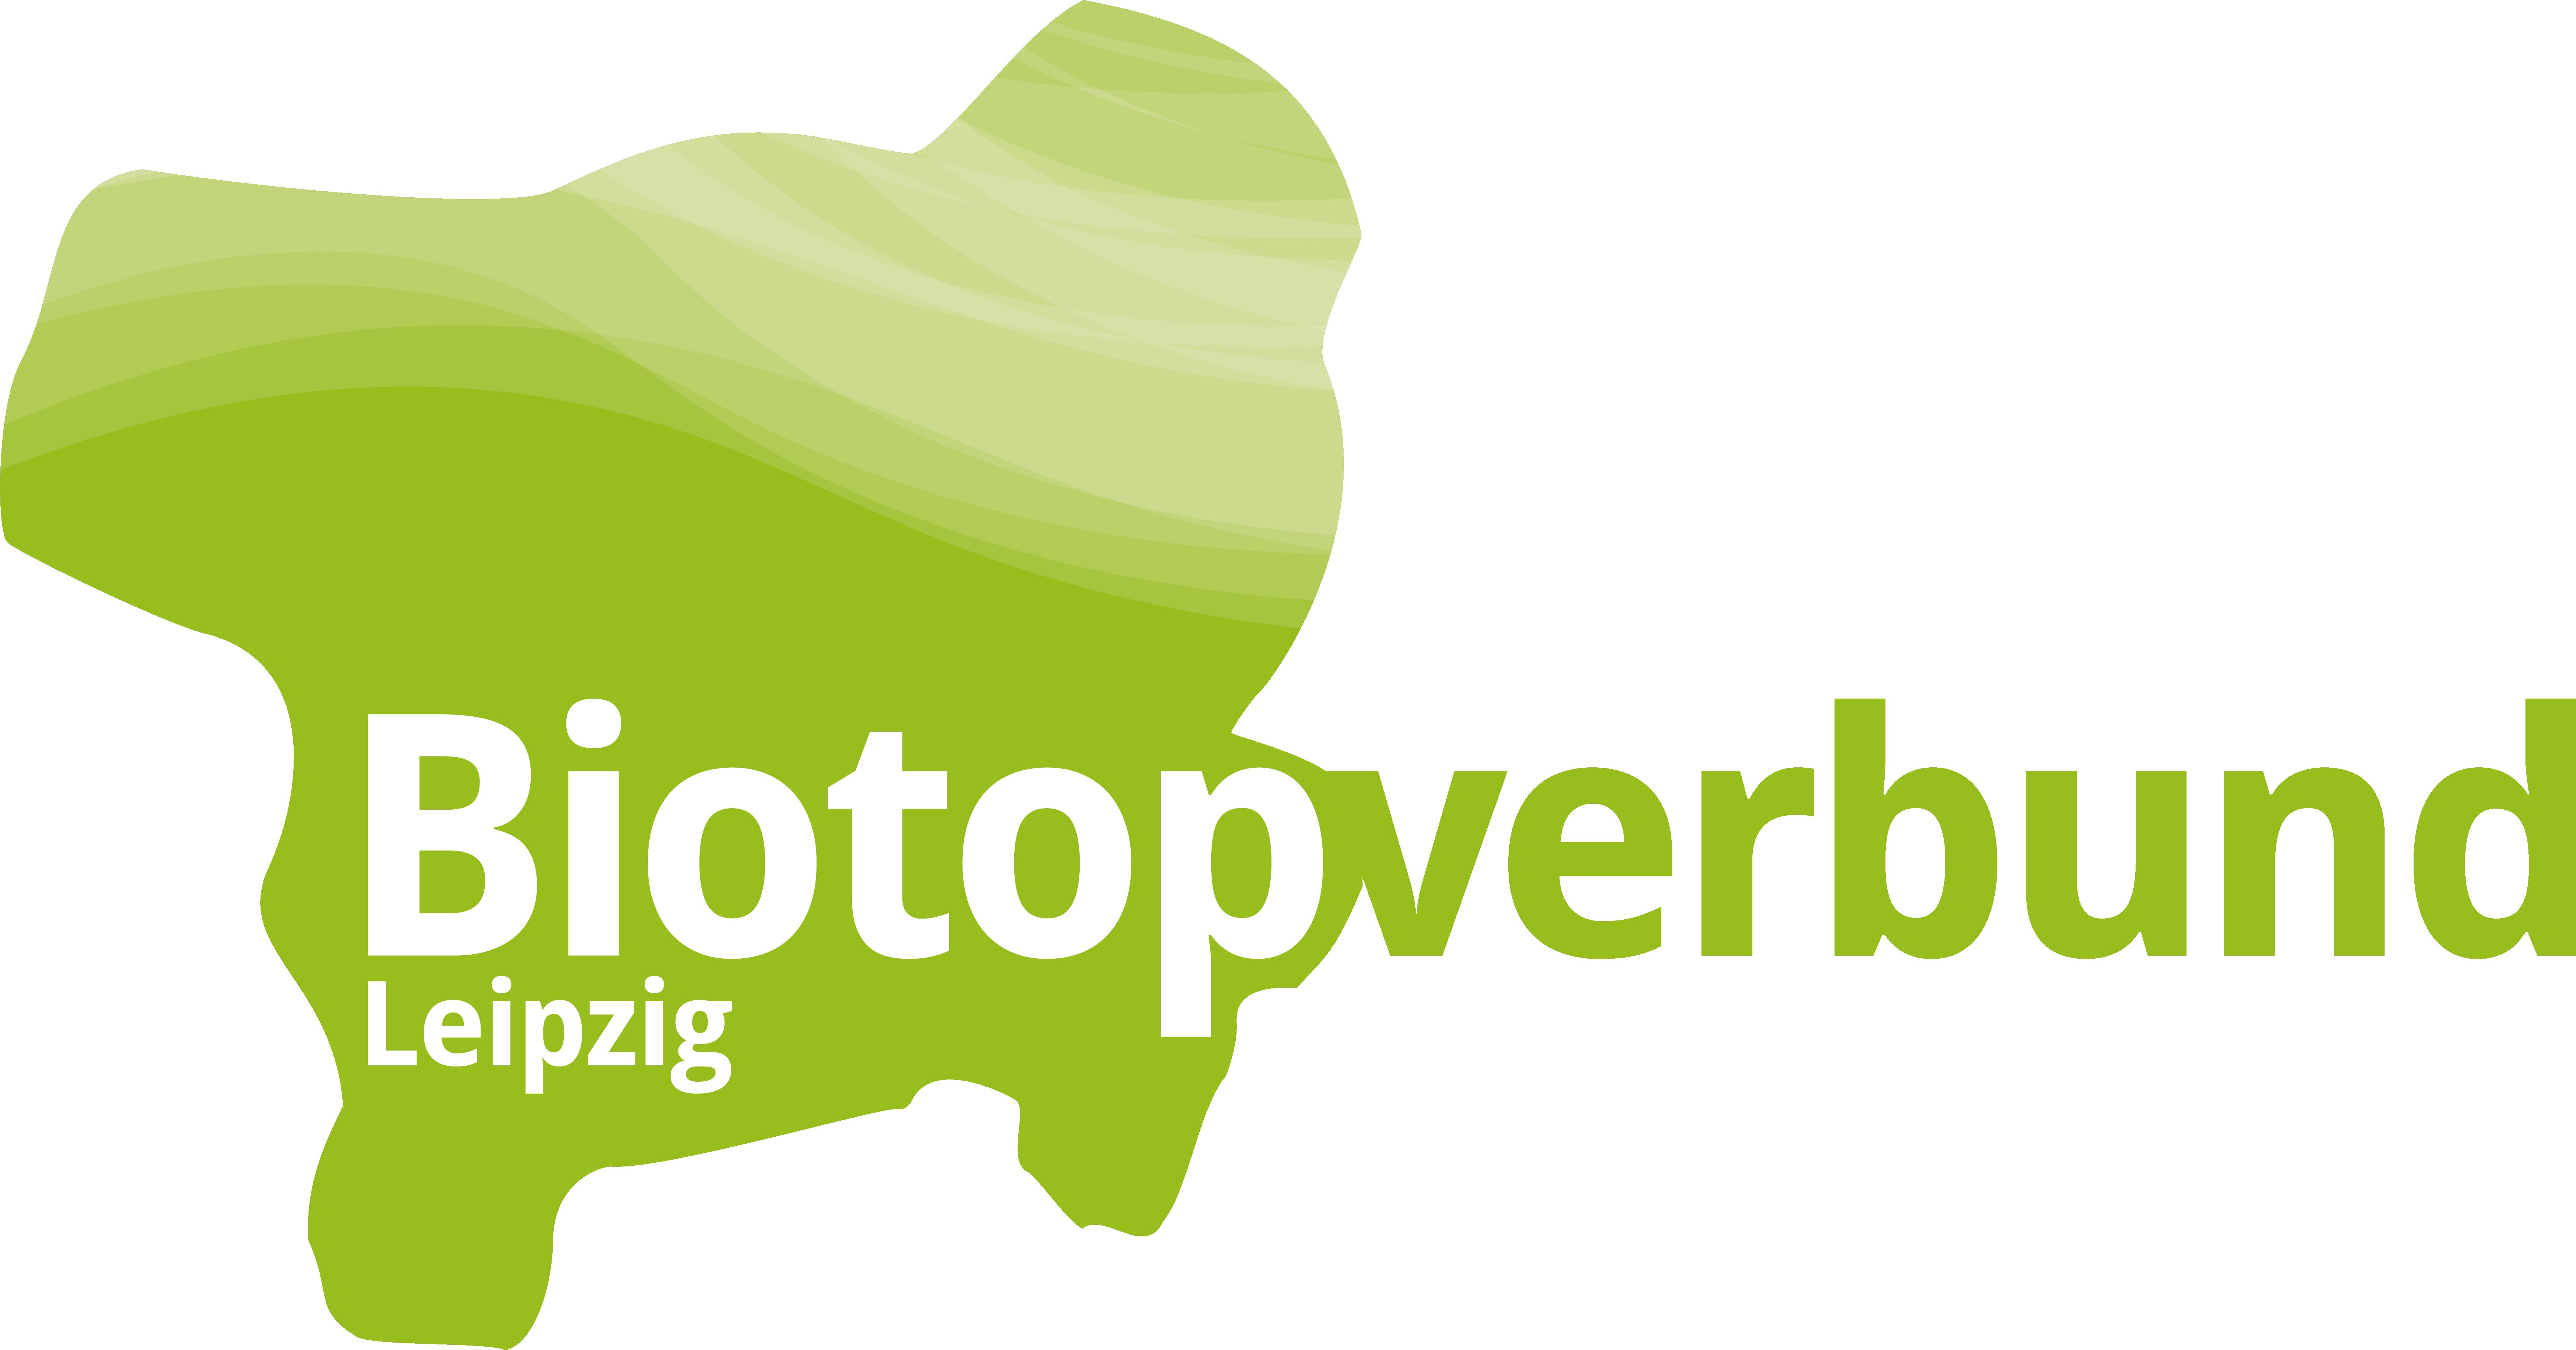 Biotopverbund Leipzig